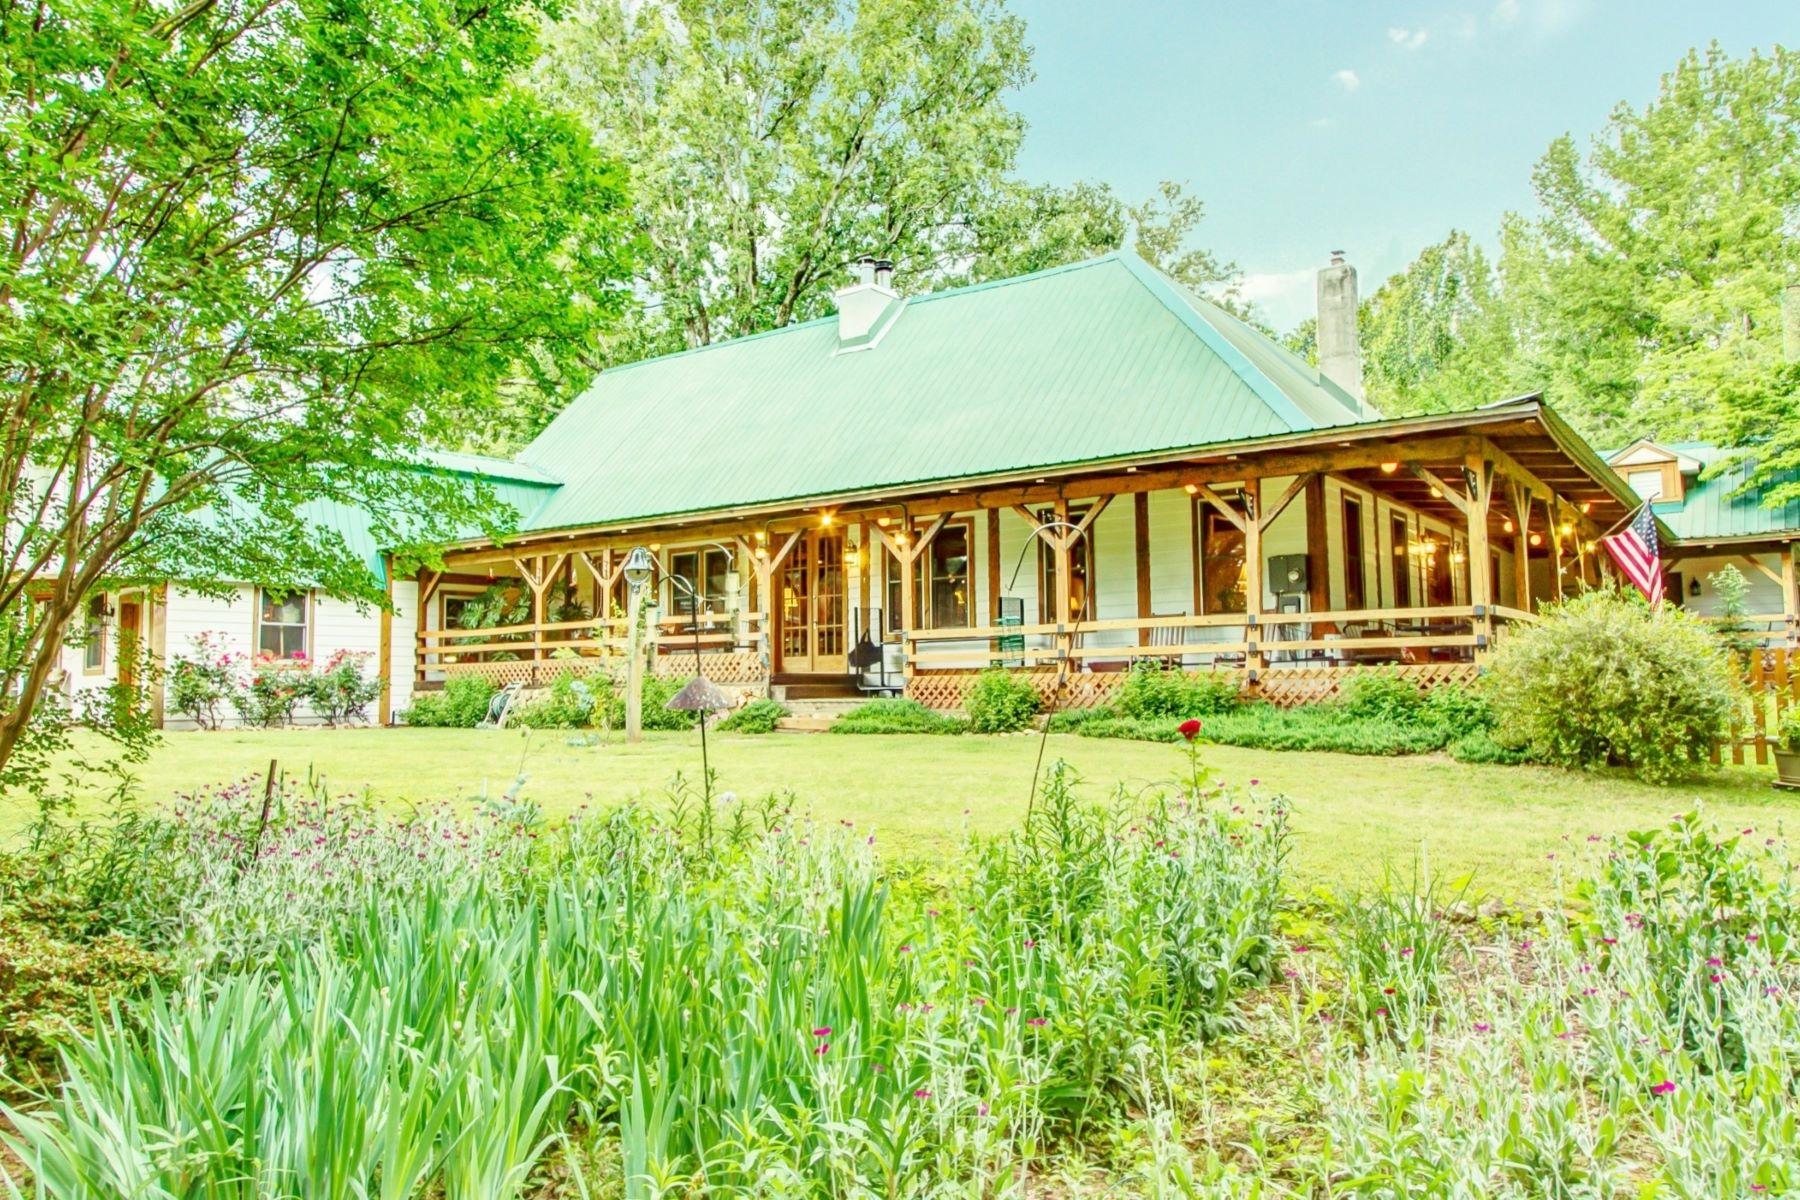 단독 가정 주택 용 매매 에 Original 1885 Frank Kirk Farmhouse on 8 Acres of Confederate Battle Fields 773 Frank Kirk Road Kennesaw, 조지아, 30152 미국